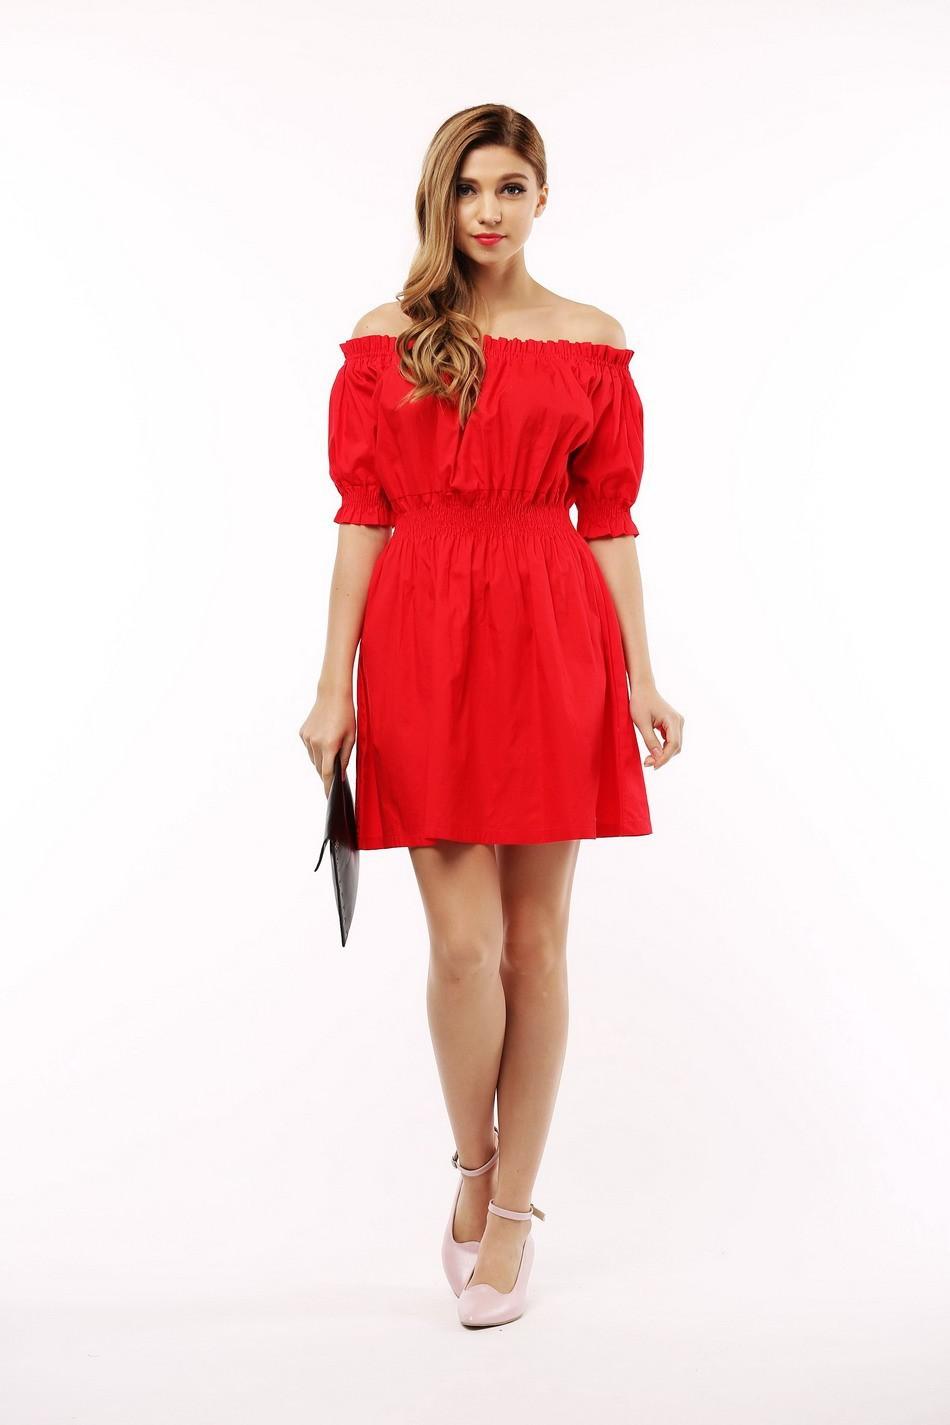 100% bawełna nowy 2017 jesień lato kobiety dress krótki rękaw casual sukienki plus size vestidos wc0380 6